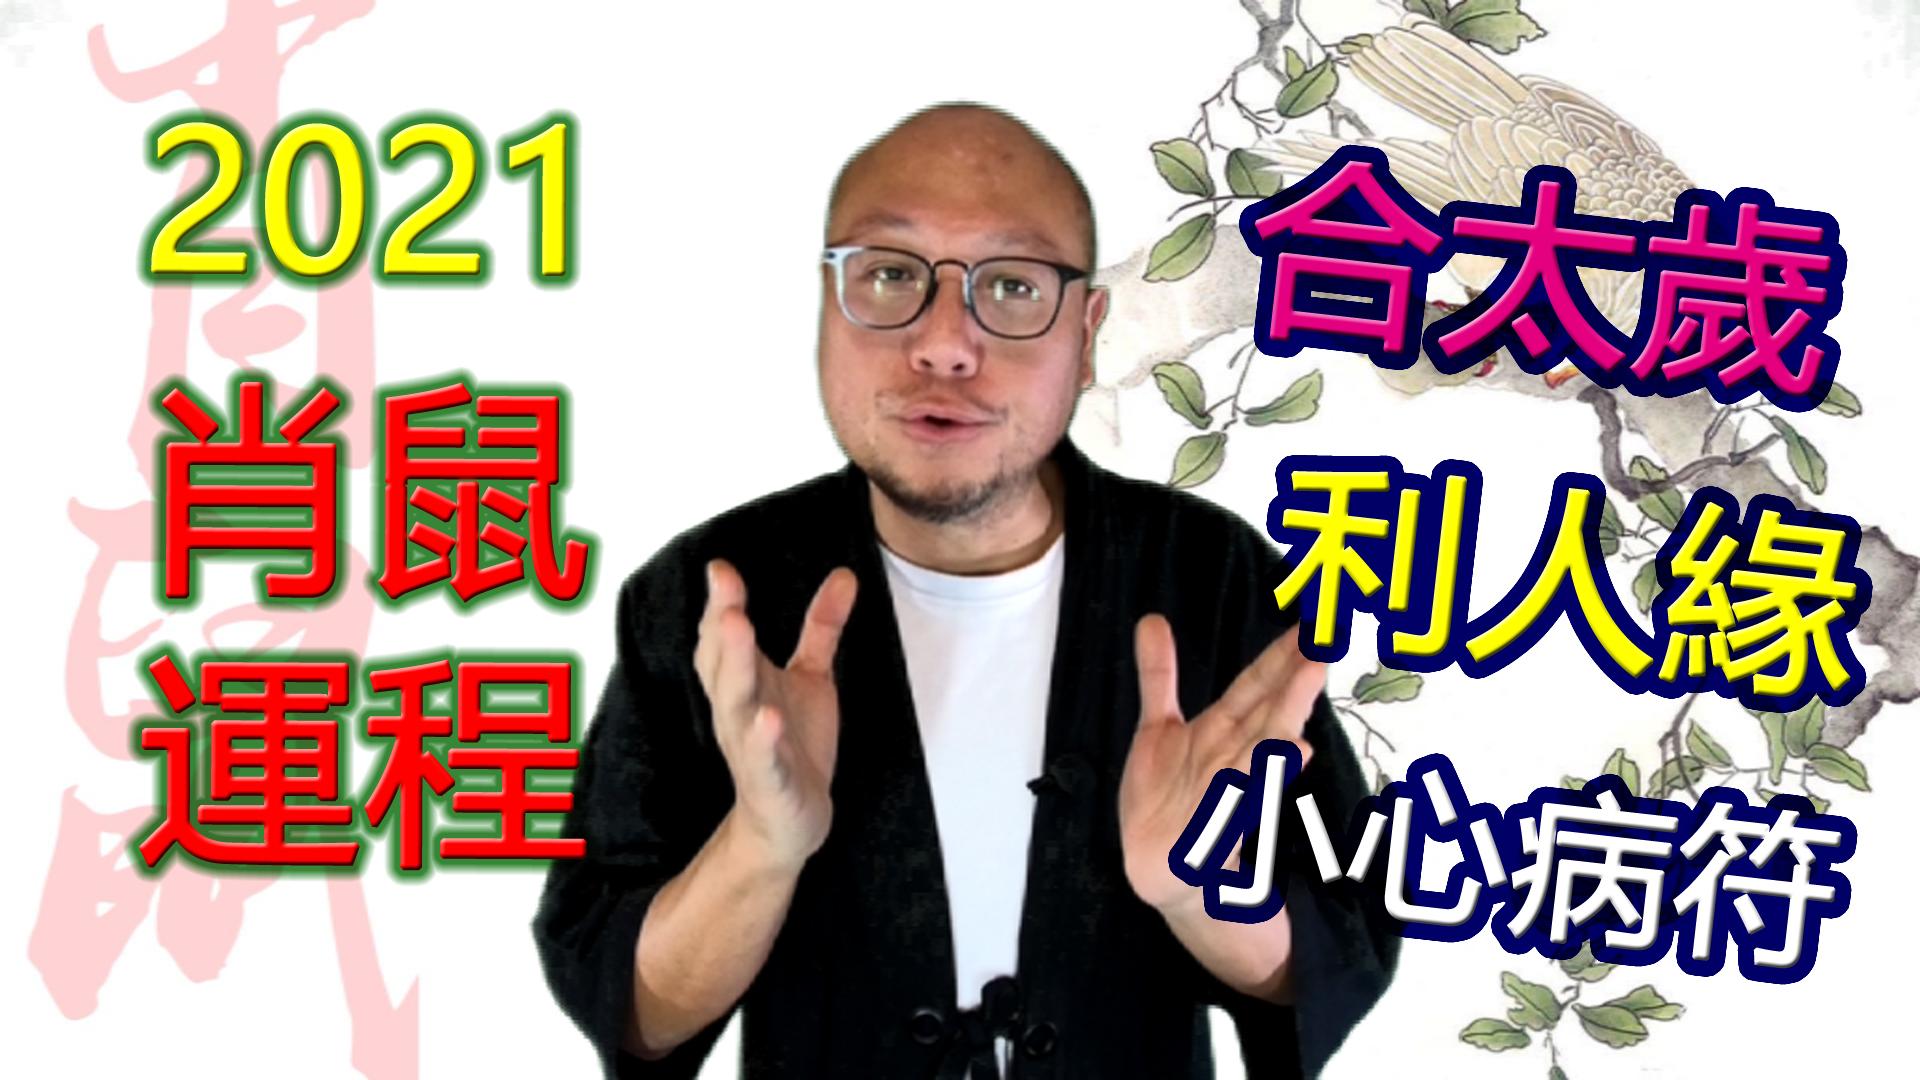 2021年【肖鼠】辛丑牛年生肖运程